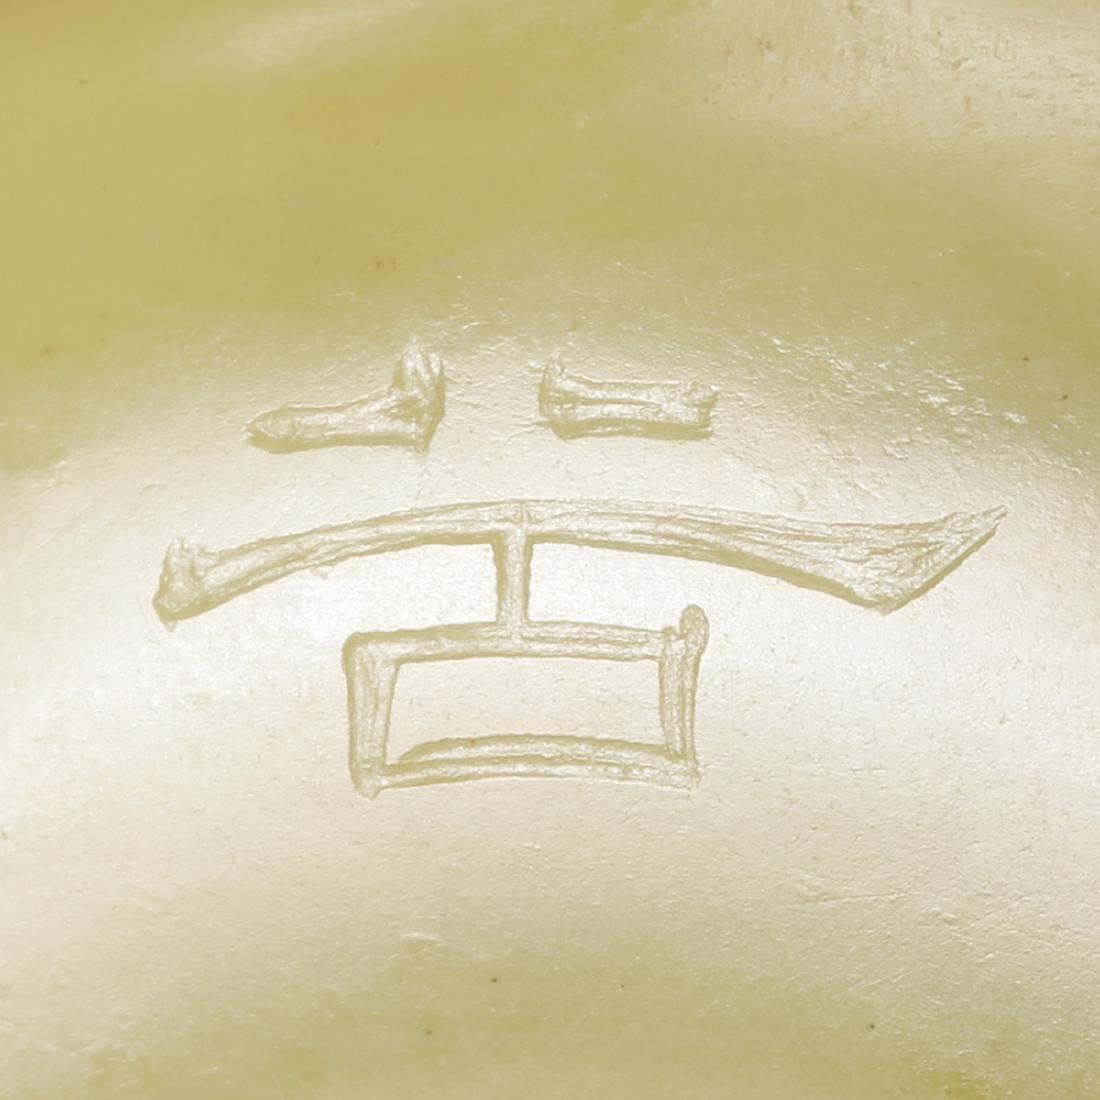 CHINESE YELLOW JADE COVER BOX - 6